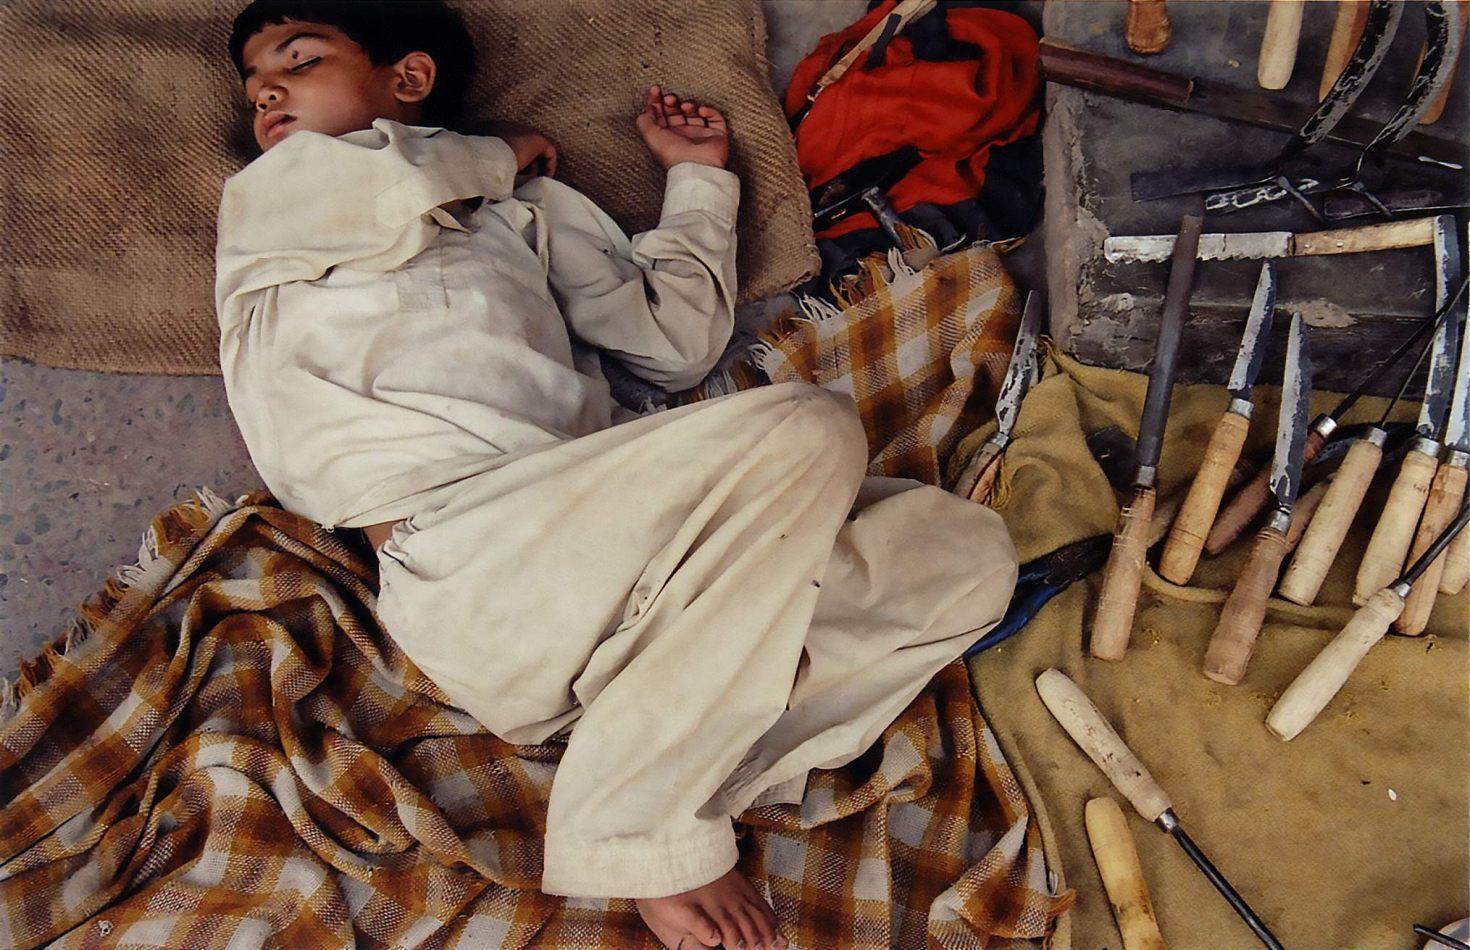 Anthony Ellis Photography: Zindabad - Asleep by the Tools